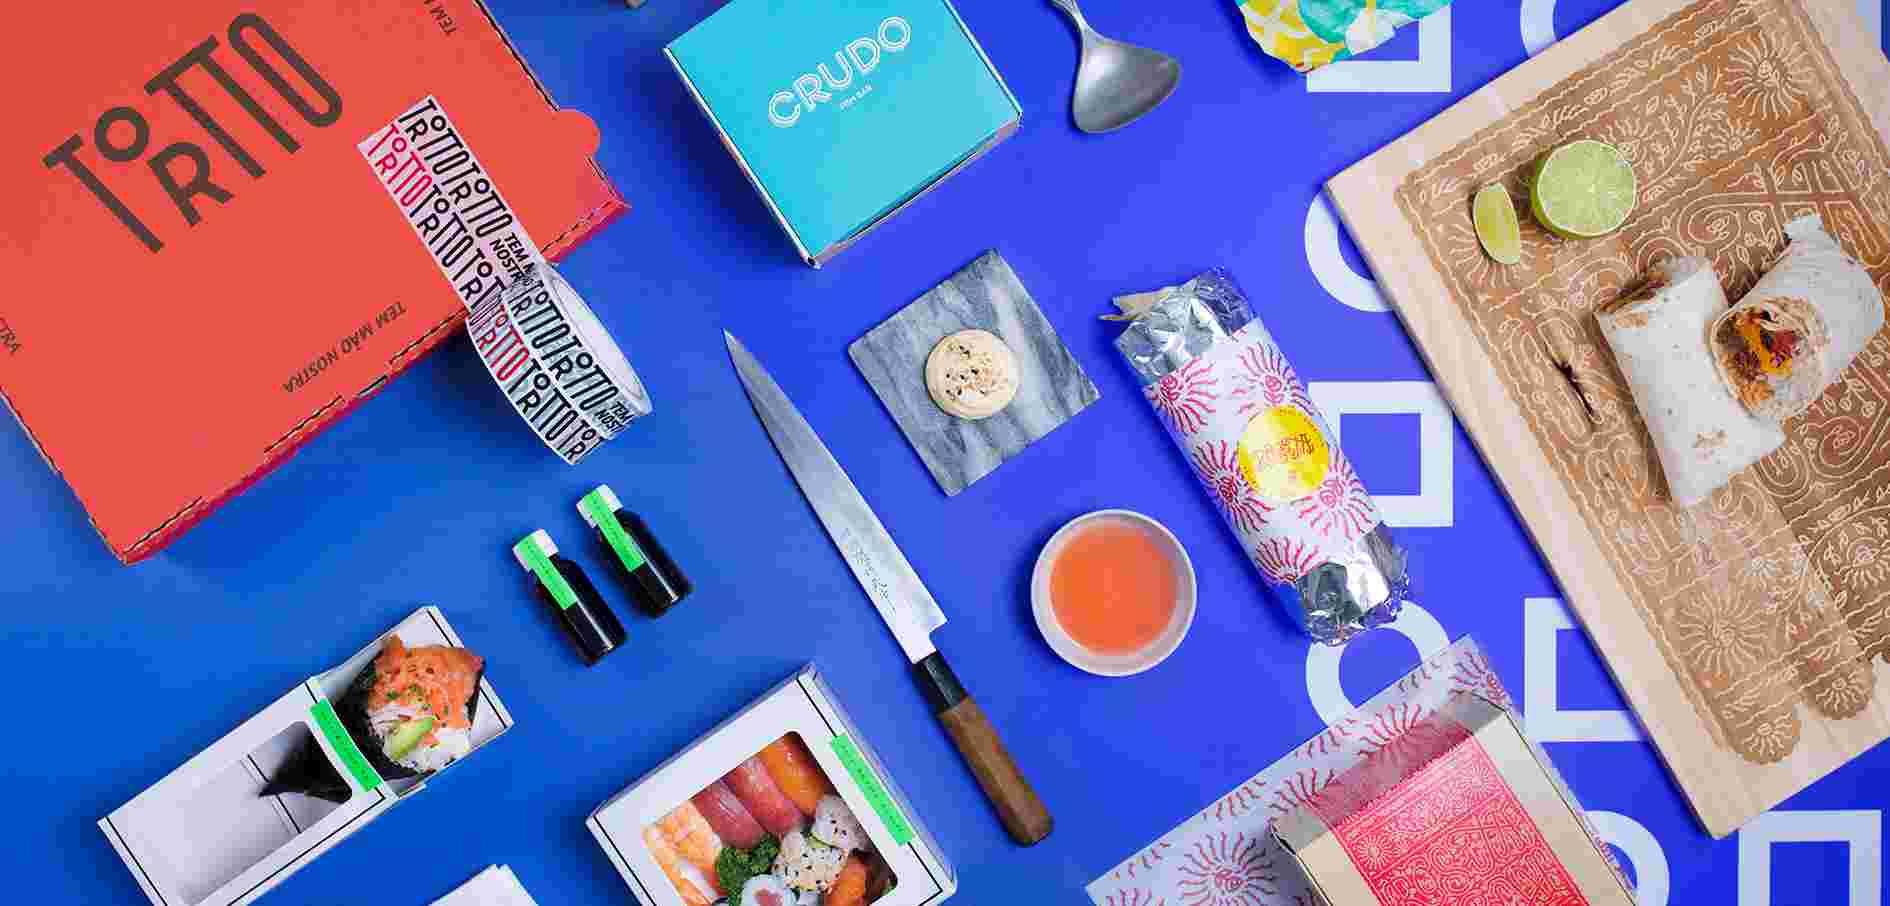 COOKOO - The Kitchen Hub, o primeiro hubde cozinhas de Lisboa que temhome delivery. Encomendar italiano, sushi, mexicano e muito mais, num só pedido, para a mesma morada e com entrega gratuita já é possível, graças a esta inovadora aplicação.